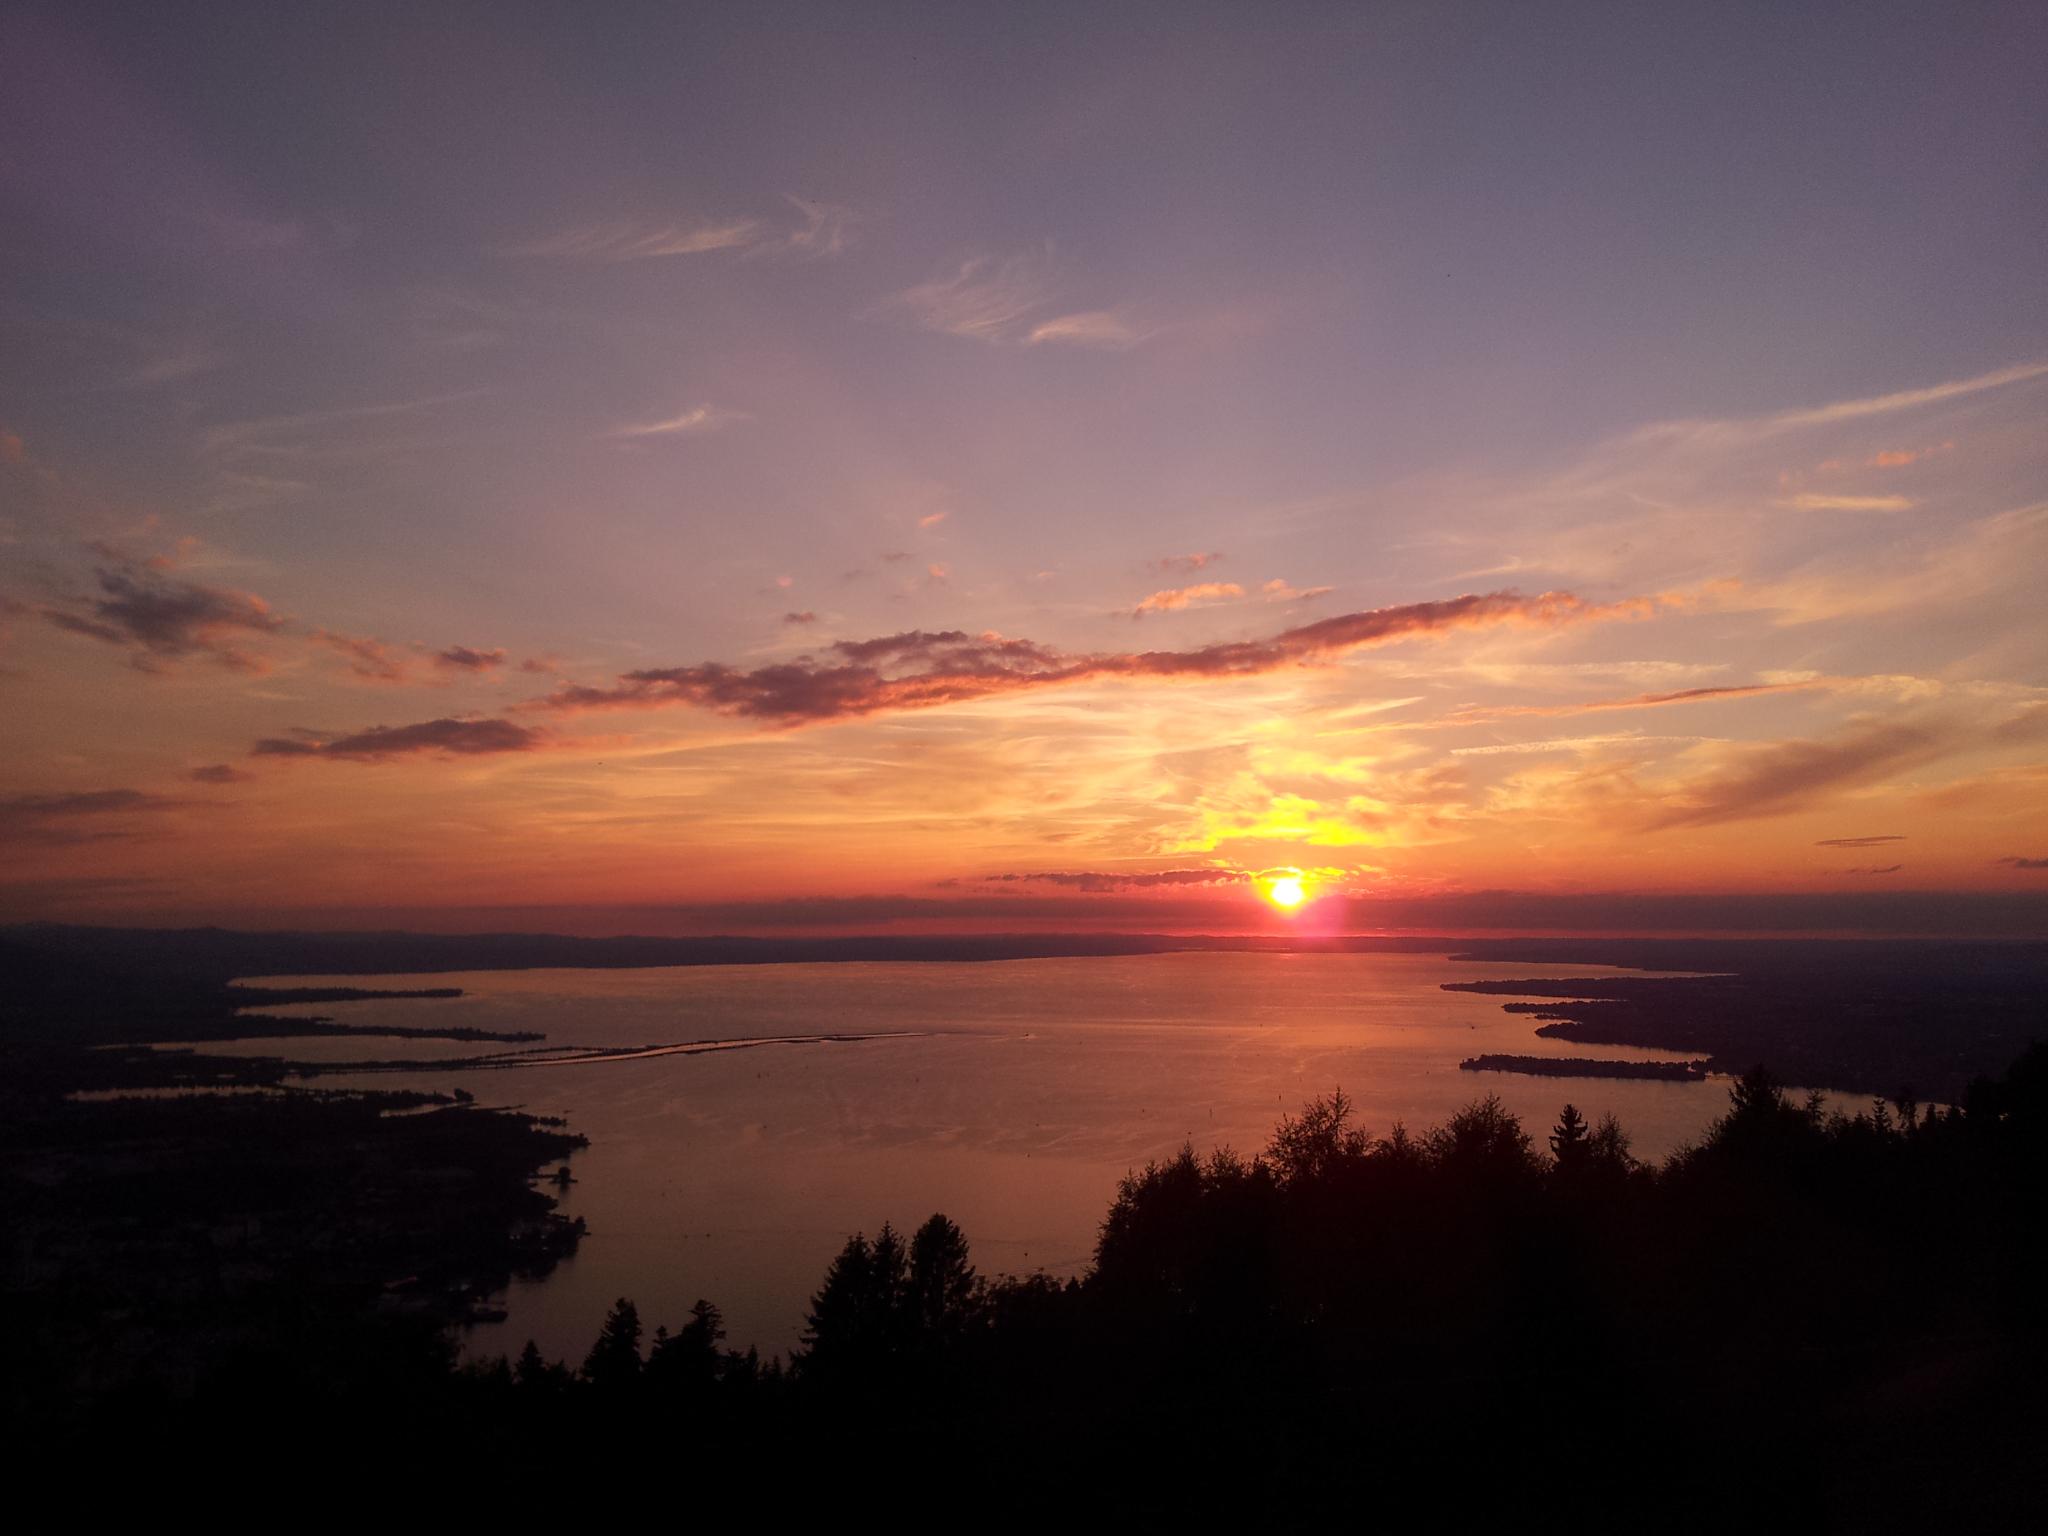 sunset   Sascha Hlusiak